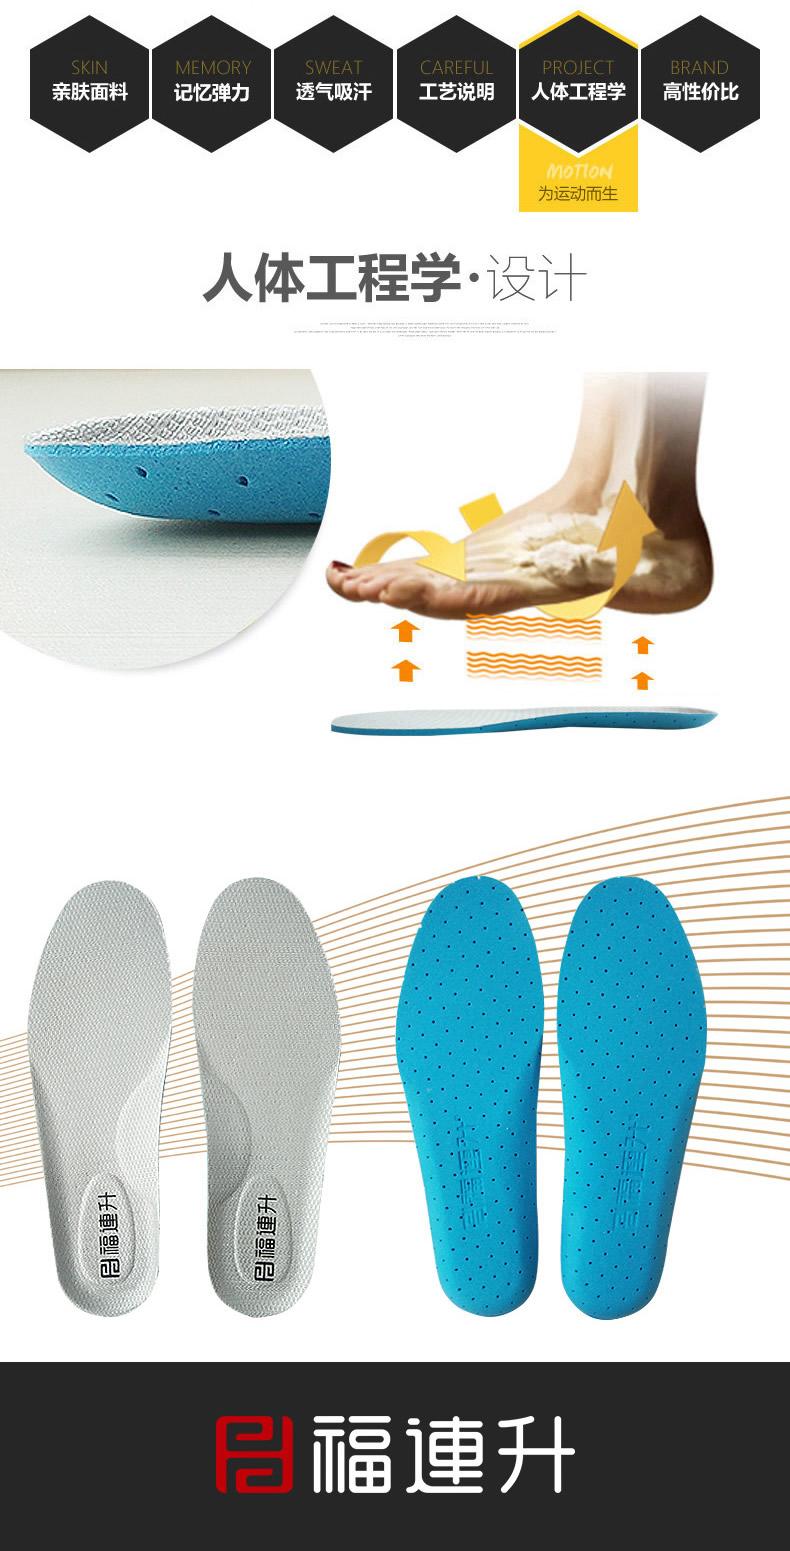 舒適的秘密:擁有SGS嚴格檢測的福連升抗菌鞋墊有什么秘密?圖片